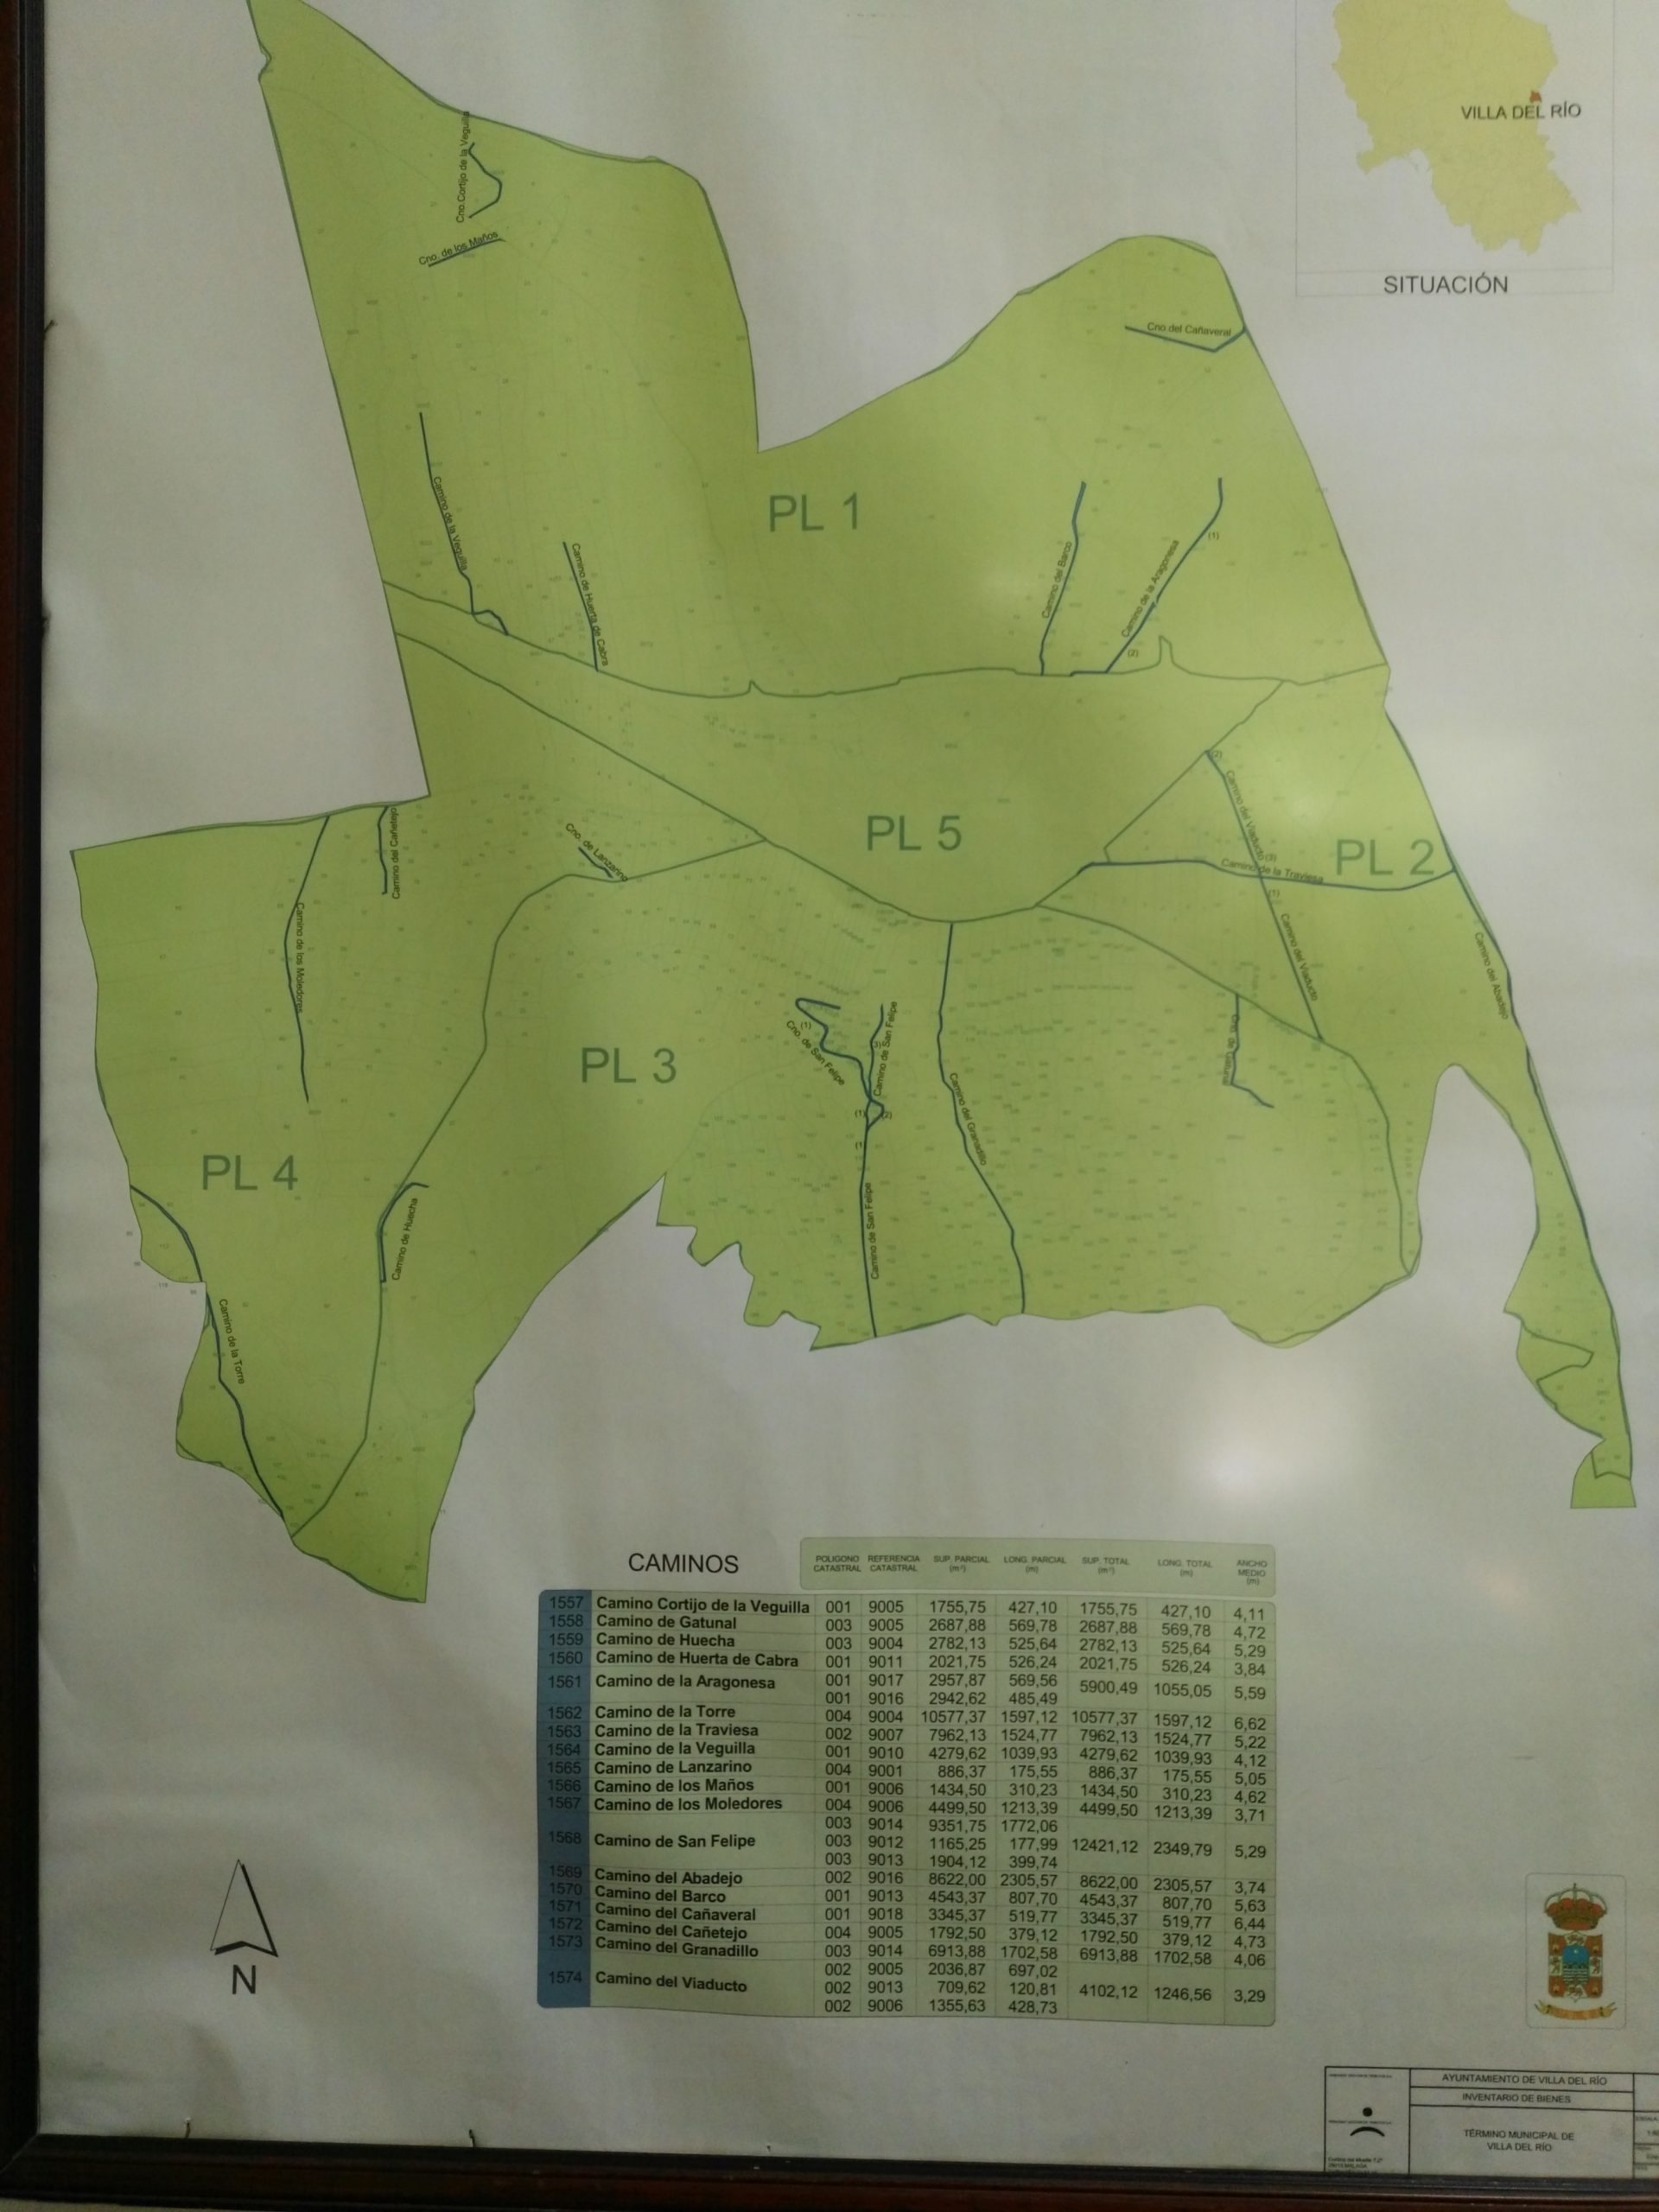 Caminos Públicos de Titularidad Municipal de Villa del Río